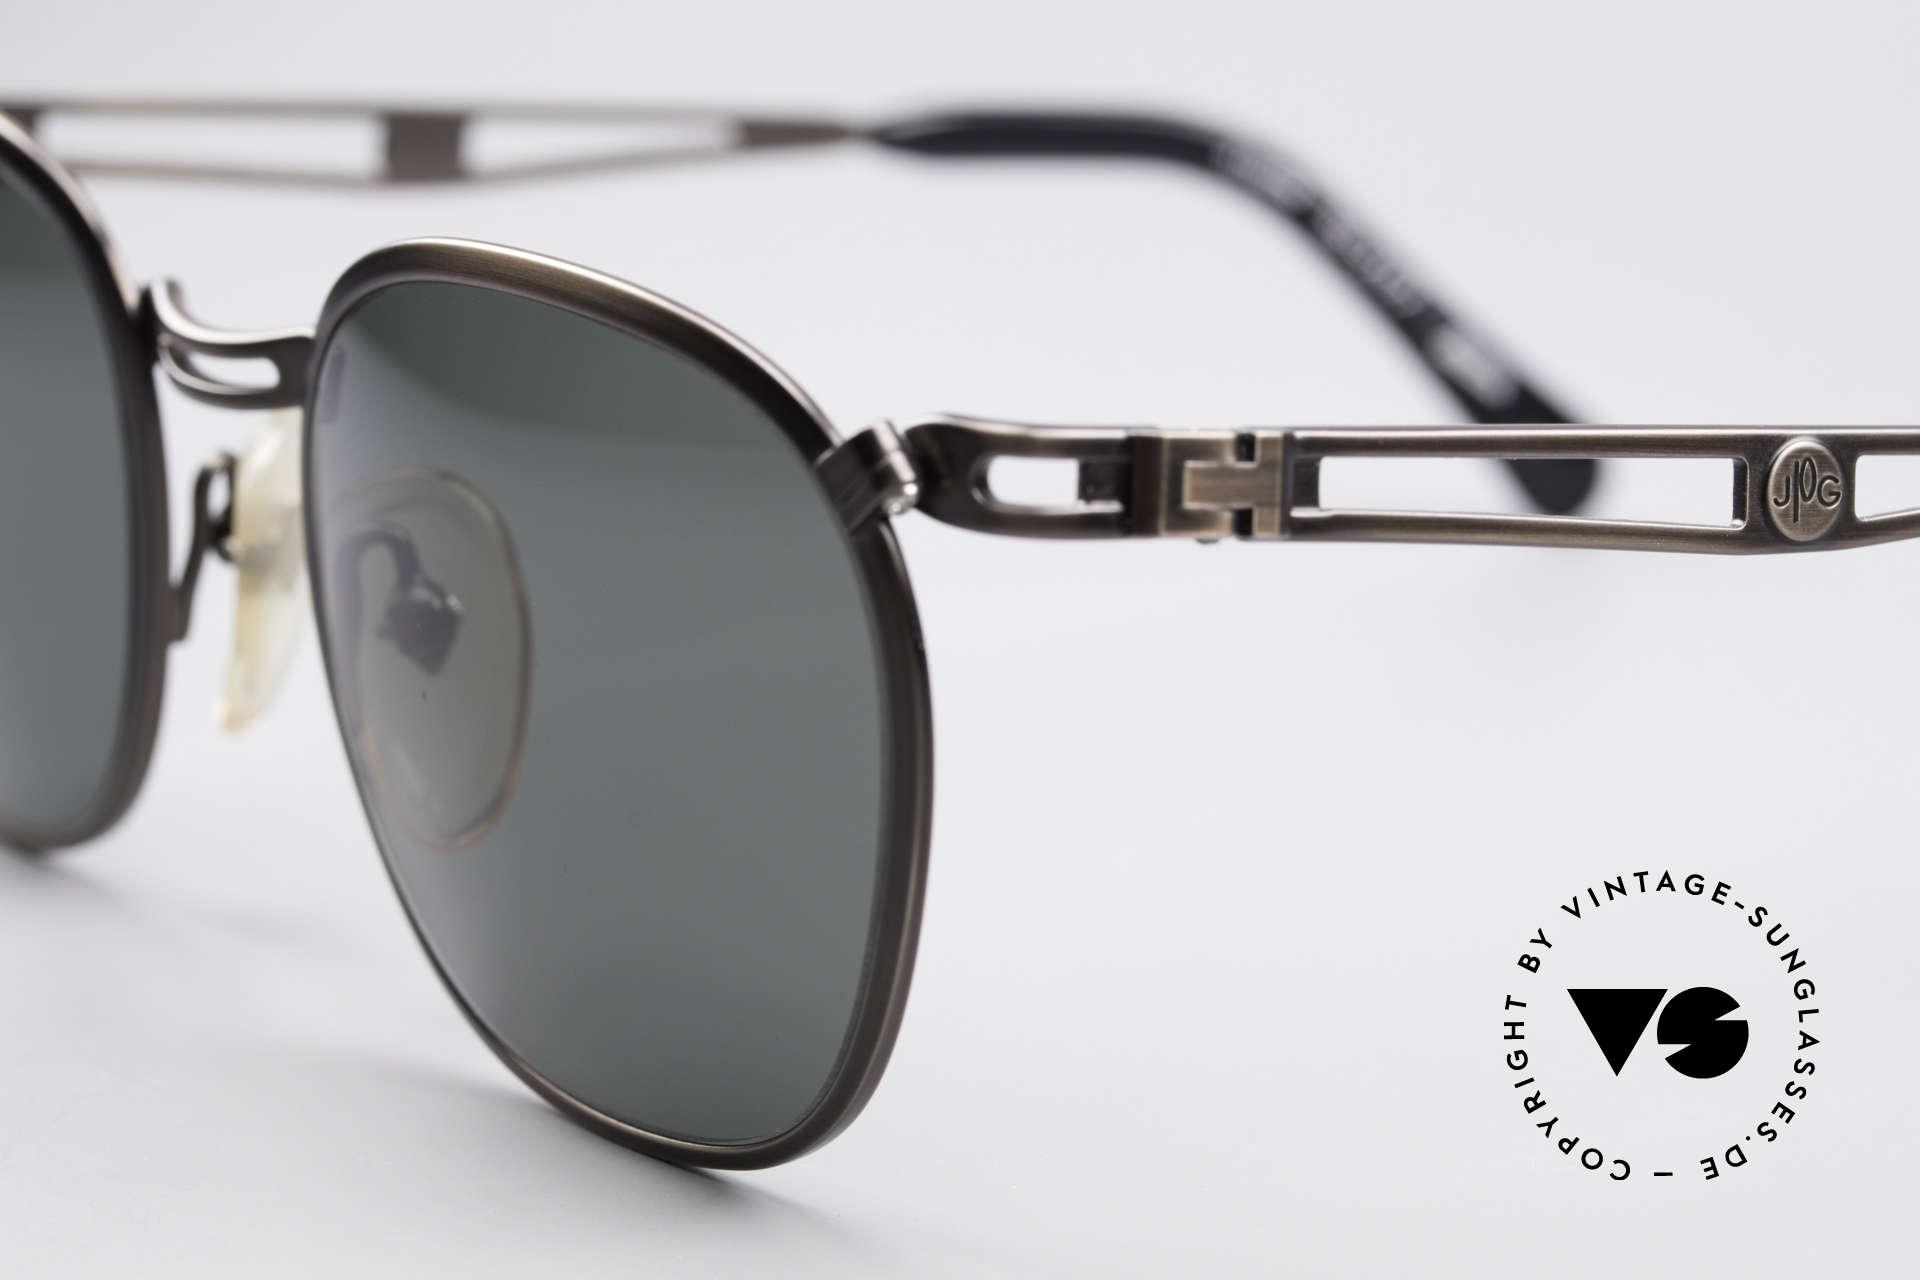 Jean Paul Gaultier 56-2177 Rare Designer Sonnenbrille, gunmetal gebürstet & mit grün/grauen Sonnengläsern, Passend für Herren und Damen